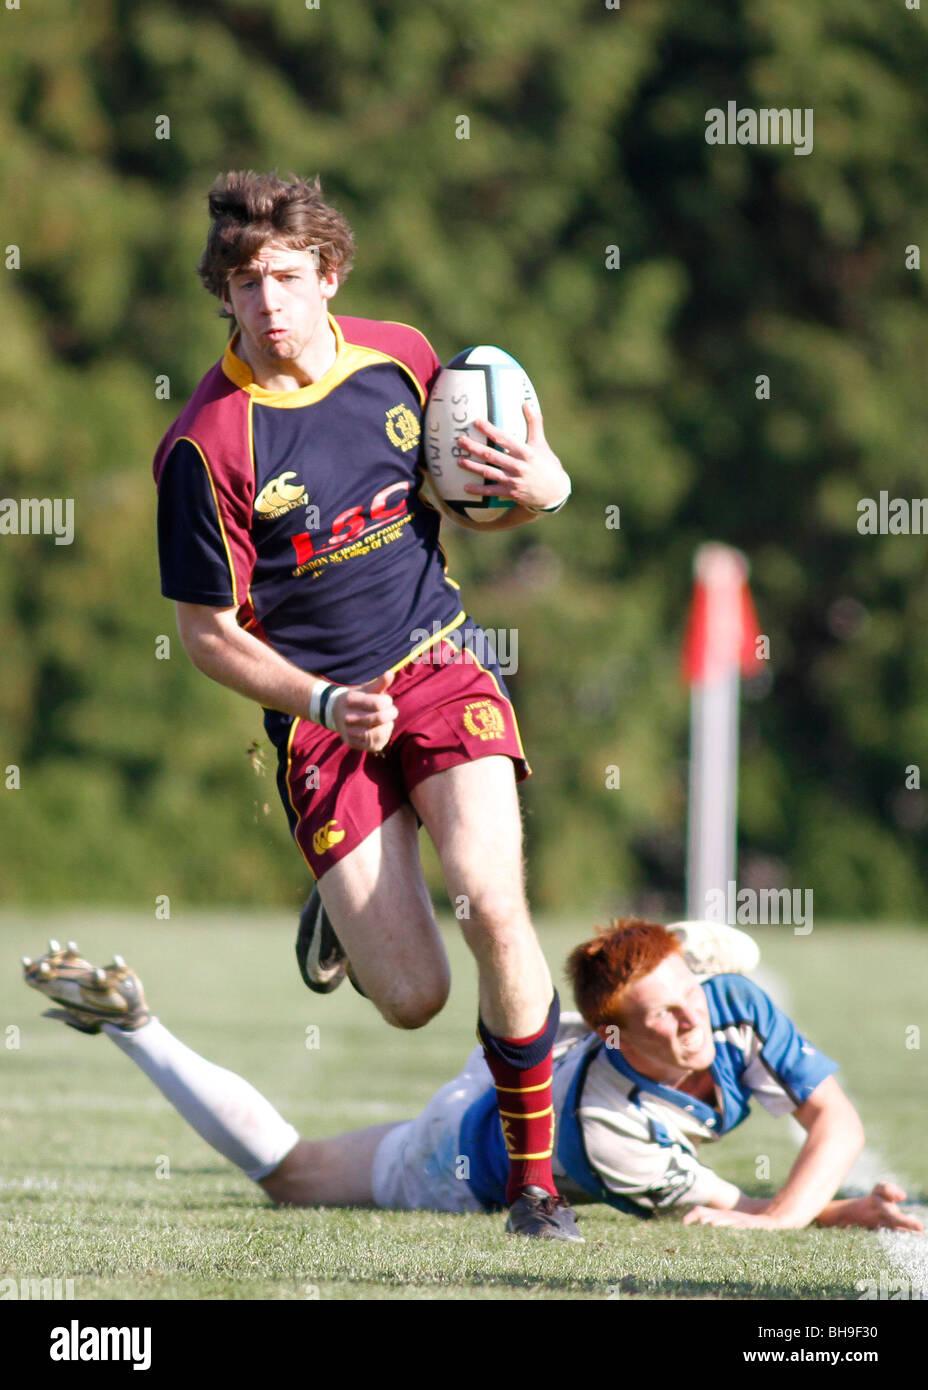 Un giocatore attaccante rompere evade la taglia del suo avversario durante una partita di rugby. Immagini Stock